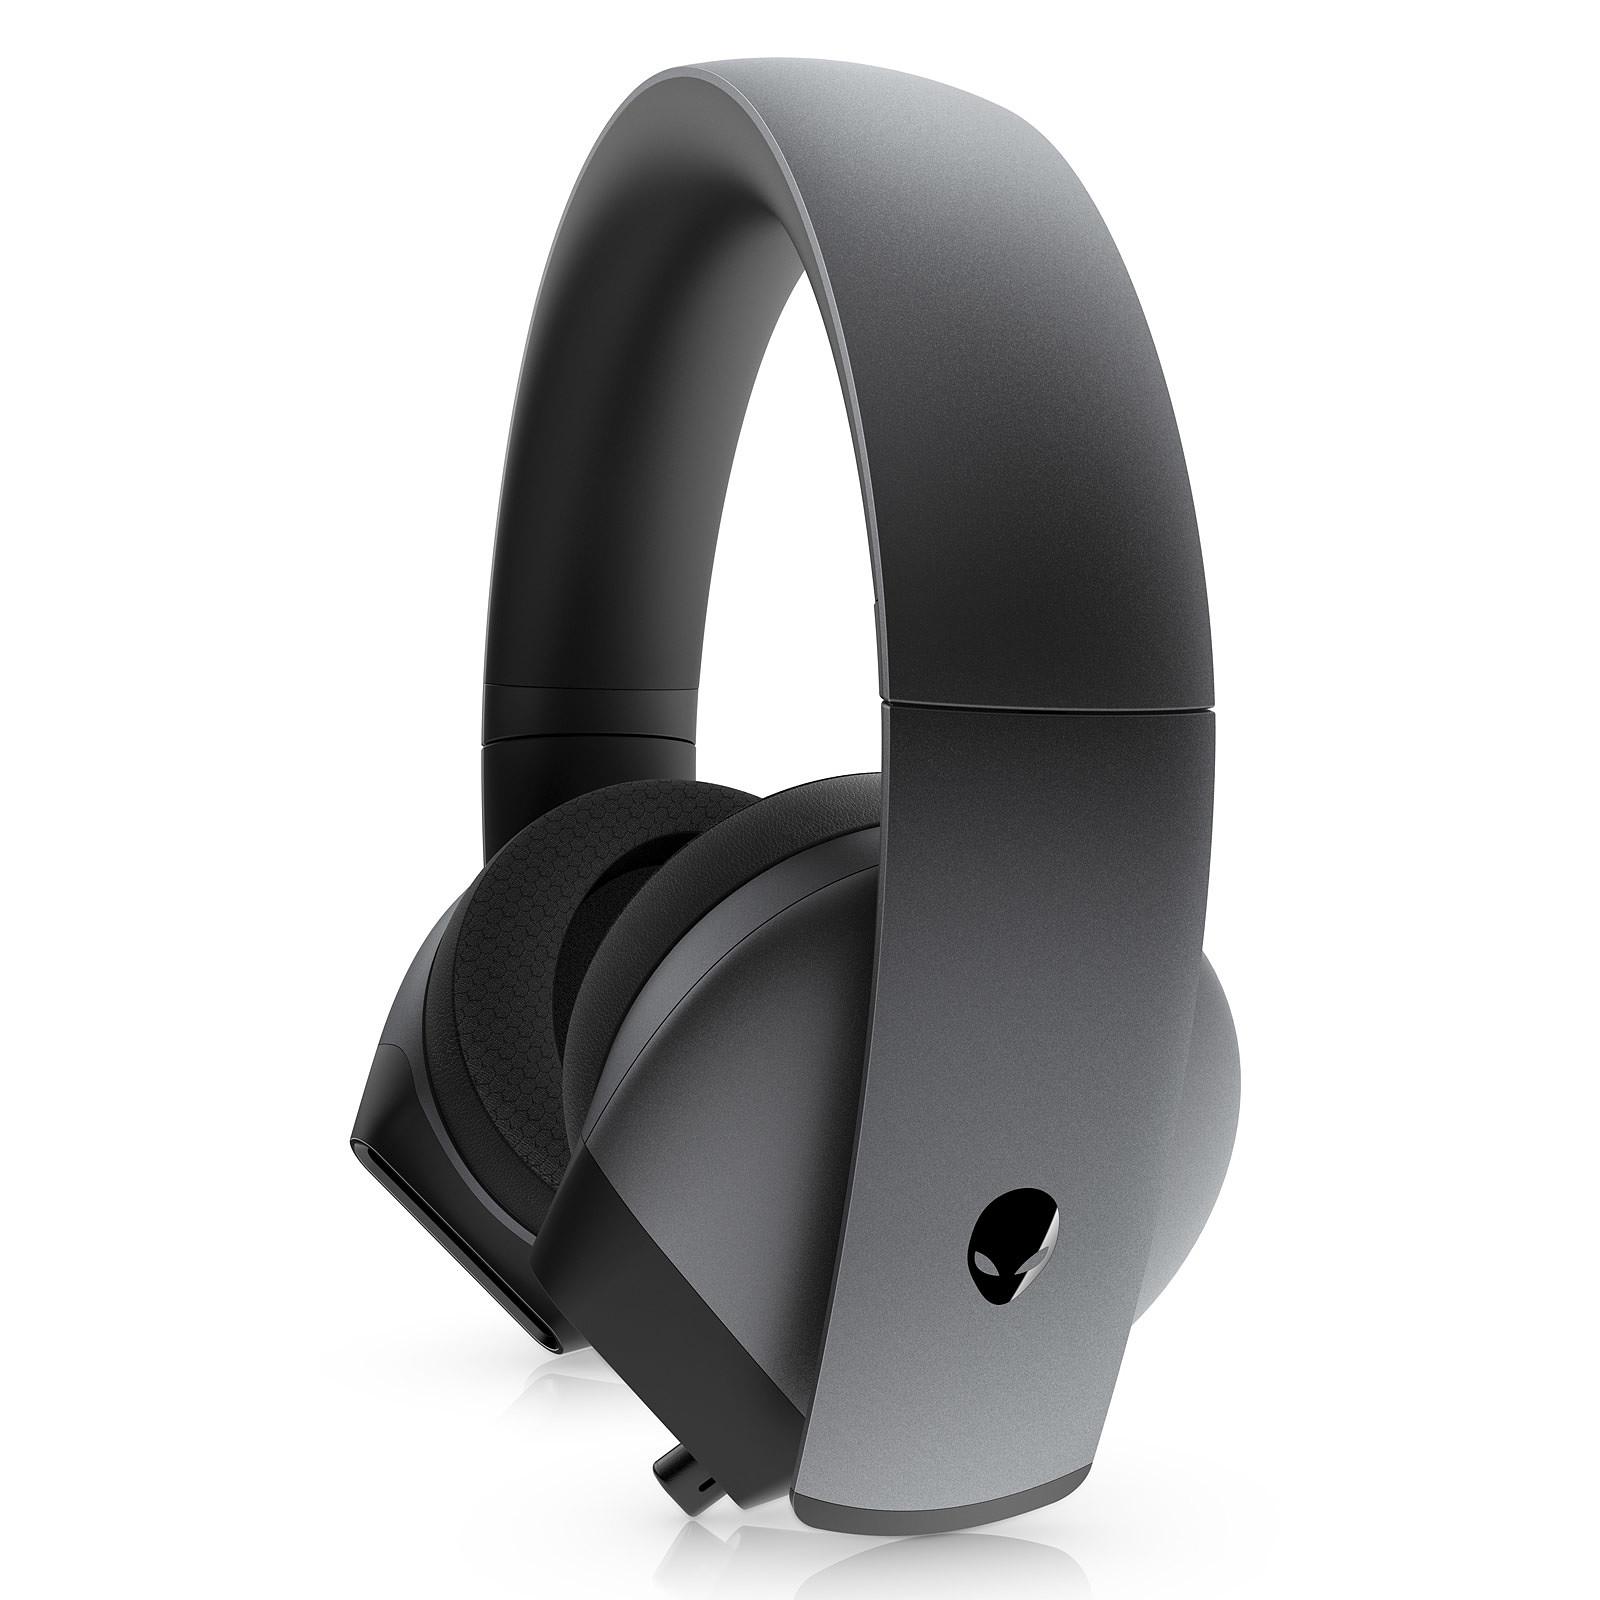 Sélection de Casques gaming Dell Alienware en promotion - Ex : Casque 7.1 AW510H (Noir ou Blanc)